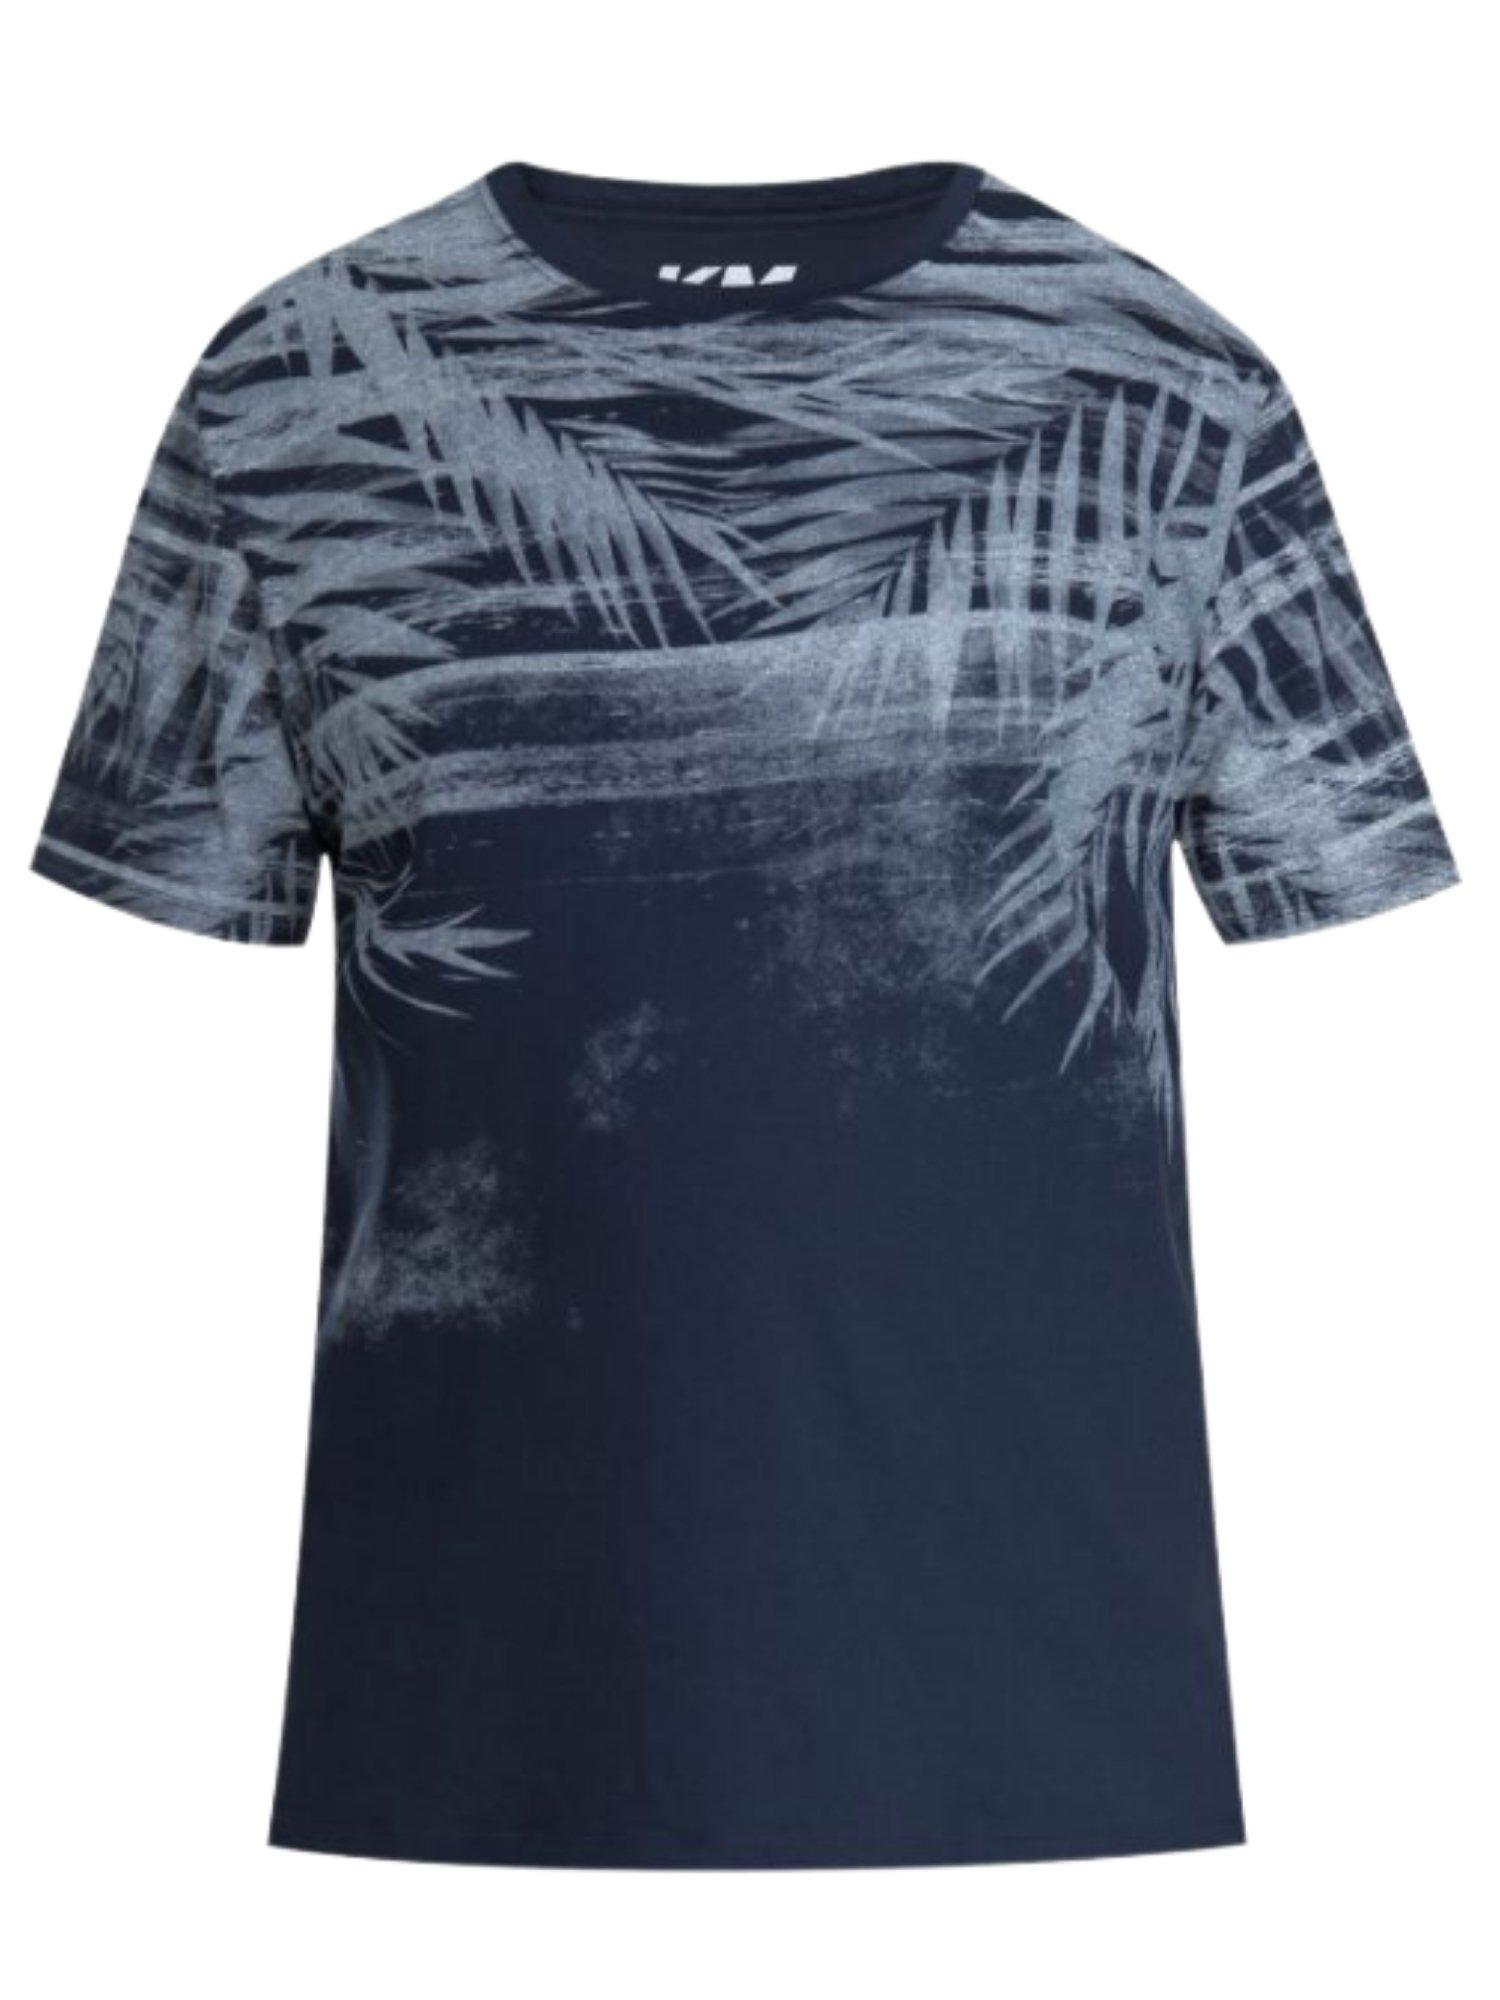 Camiseta Plus Size Estampada Kohmar  214185